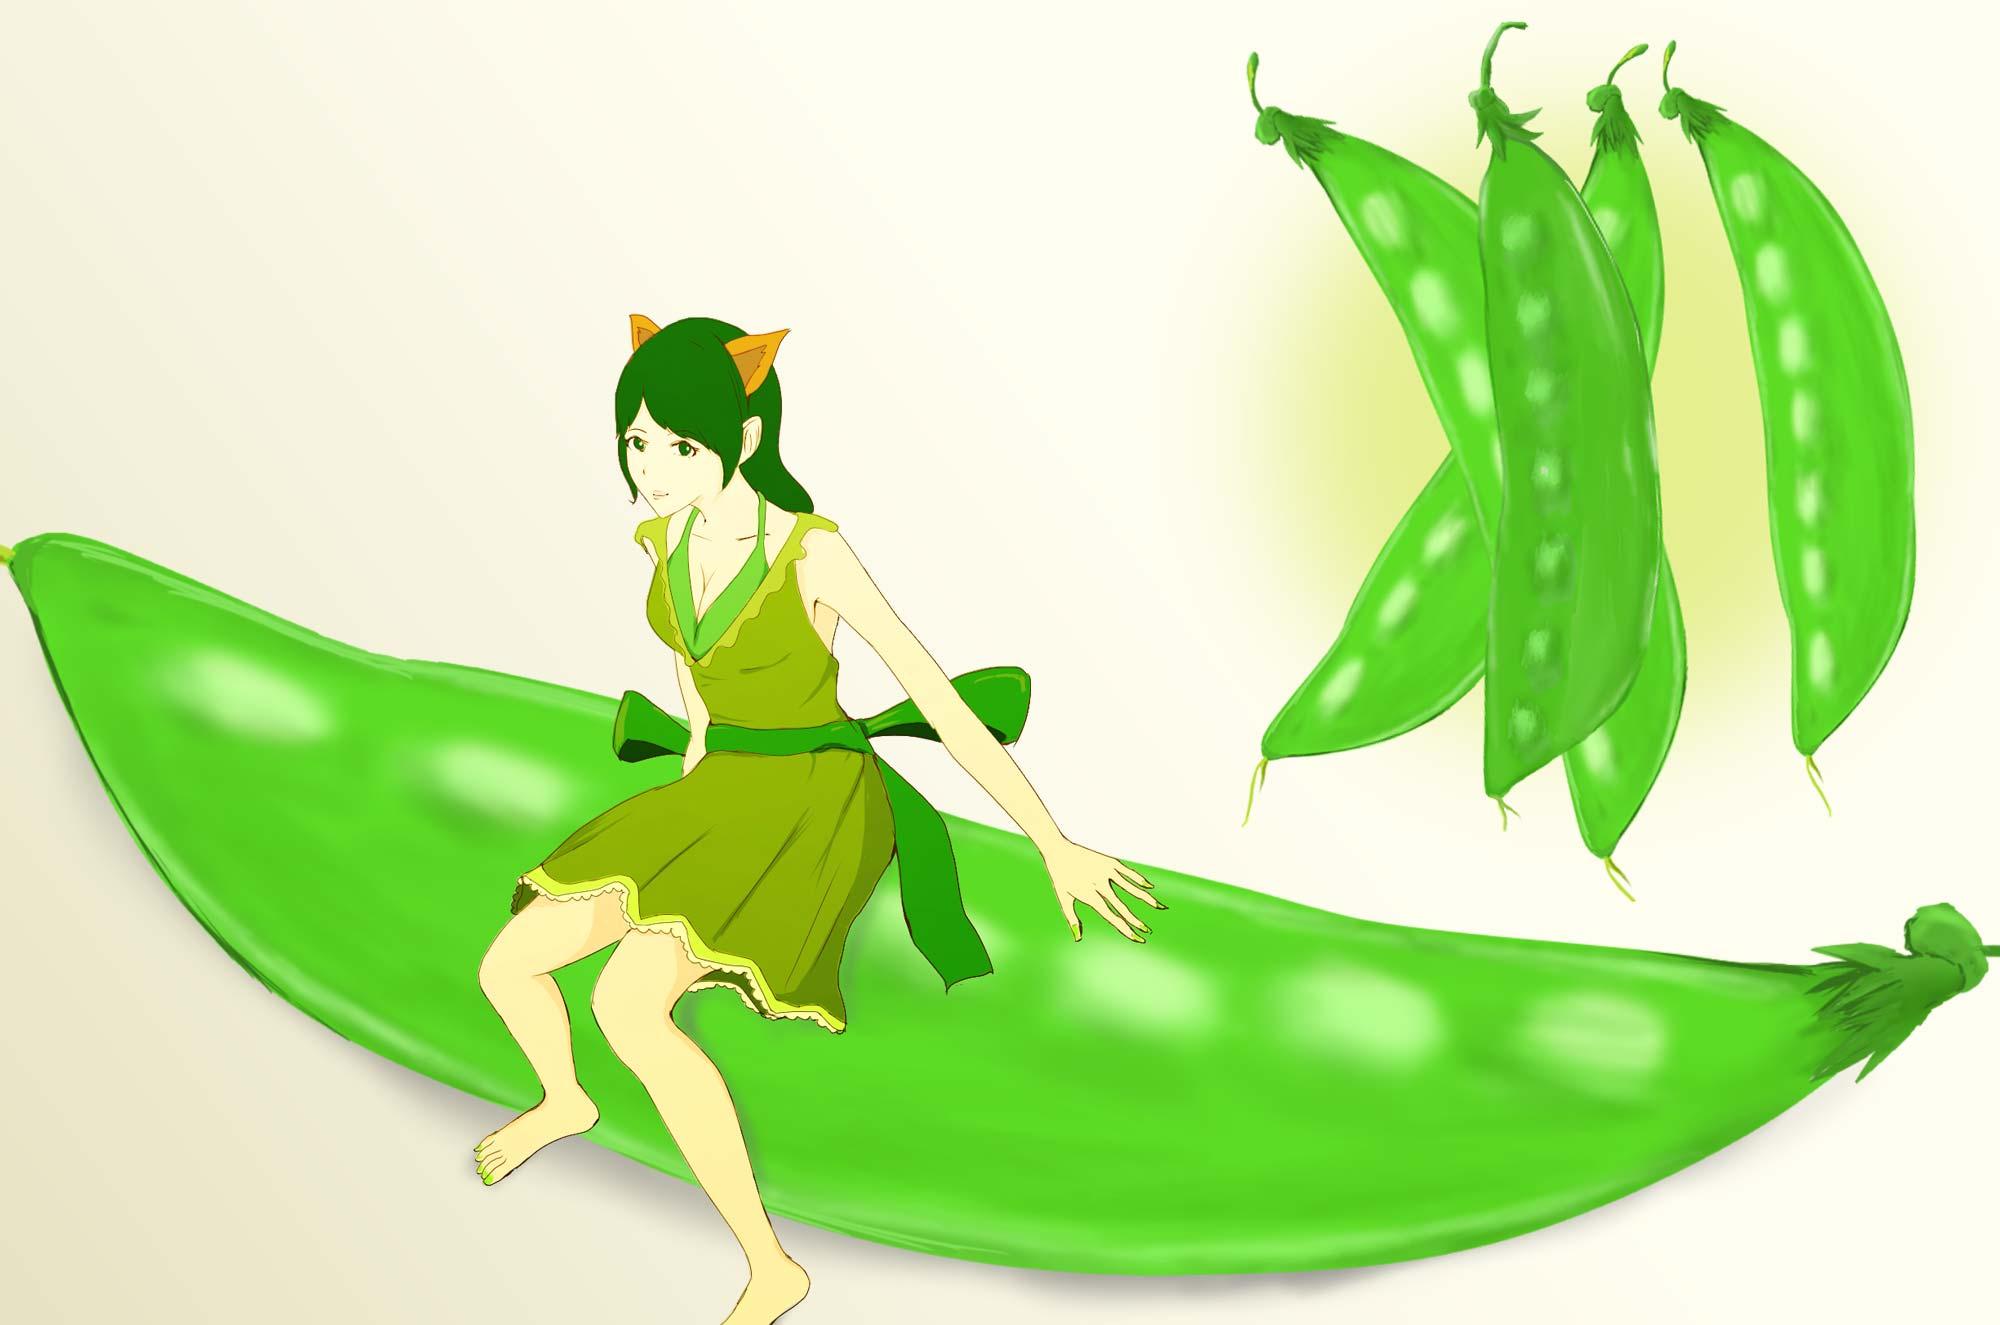 さやえんどうのイラスト - 可愛い豆のフリー素材集